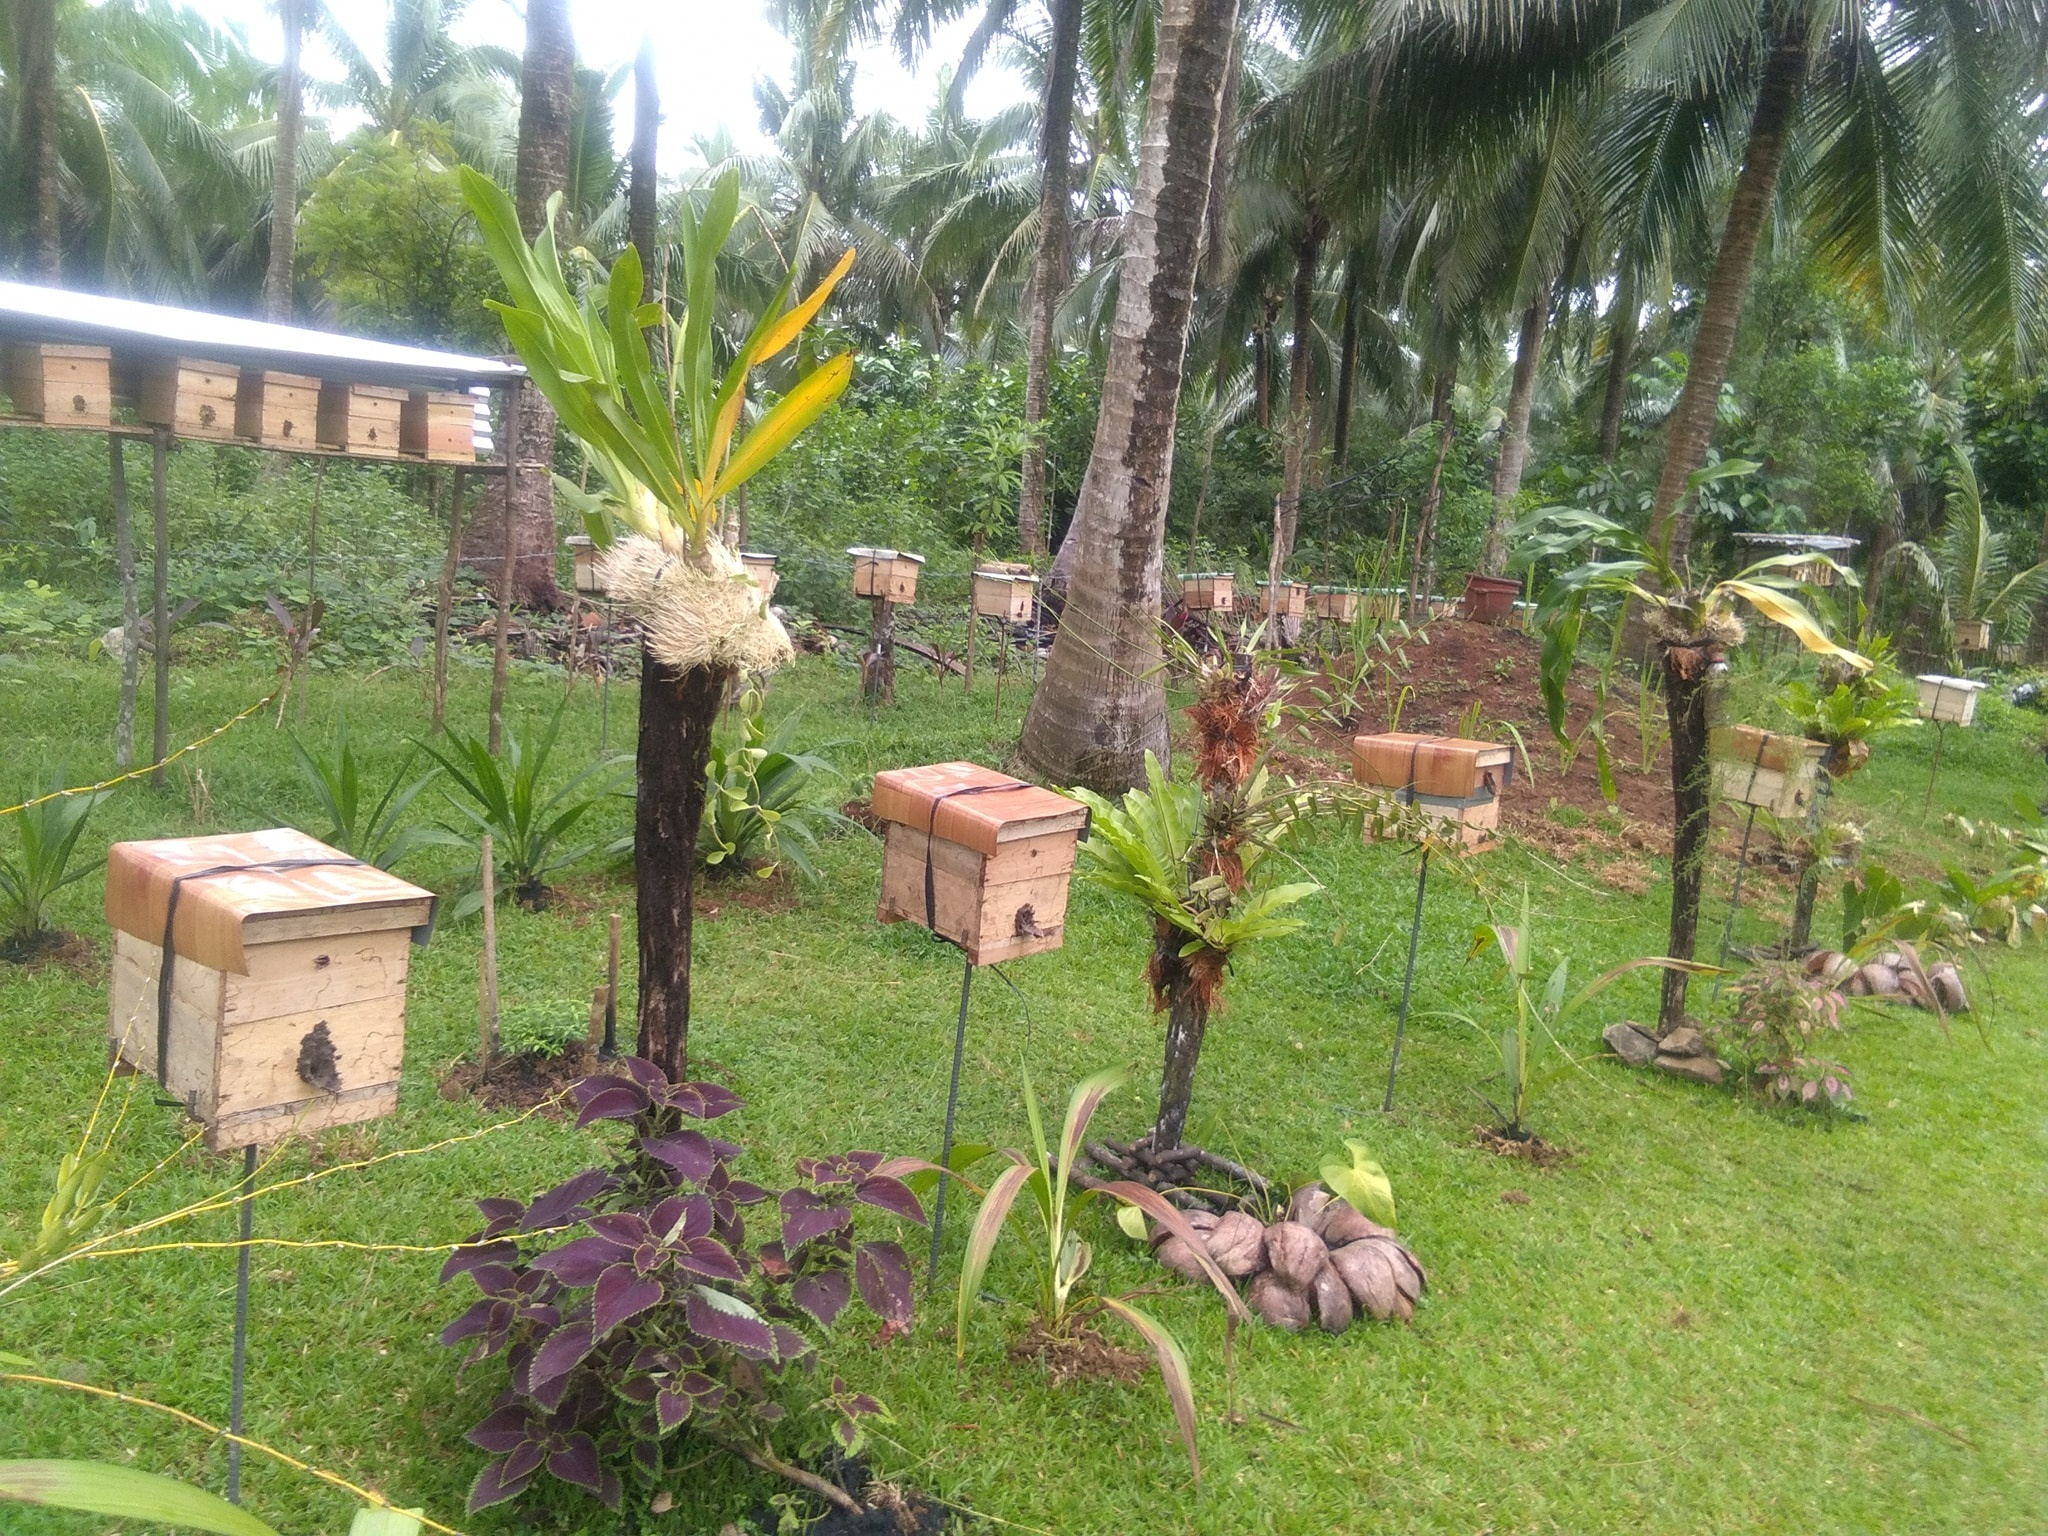 Bán Giống Ong Dú Hồ Chí Minh - Miền Tây Ong Đẹp- Bảo Hành 5 năm